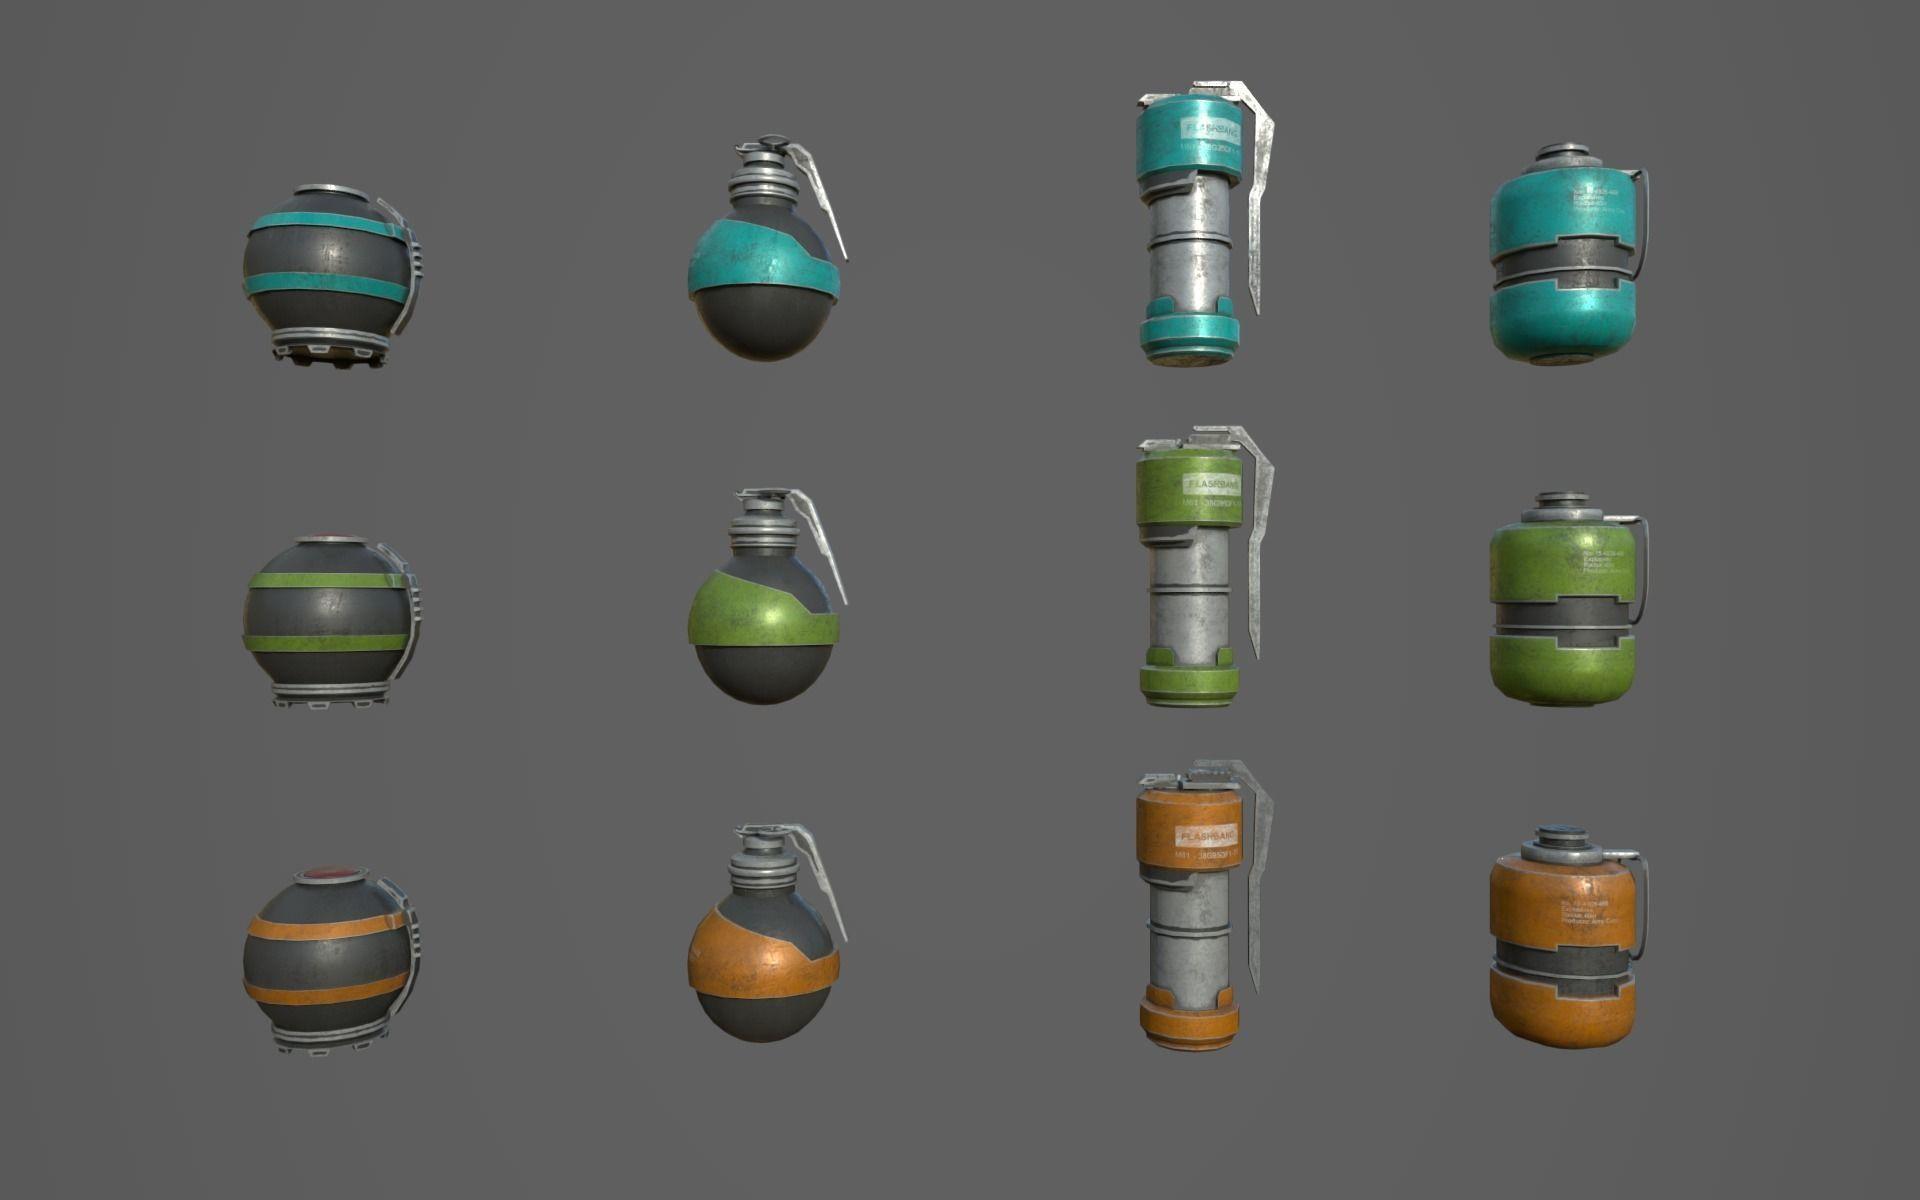 Sci Fi Grenades